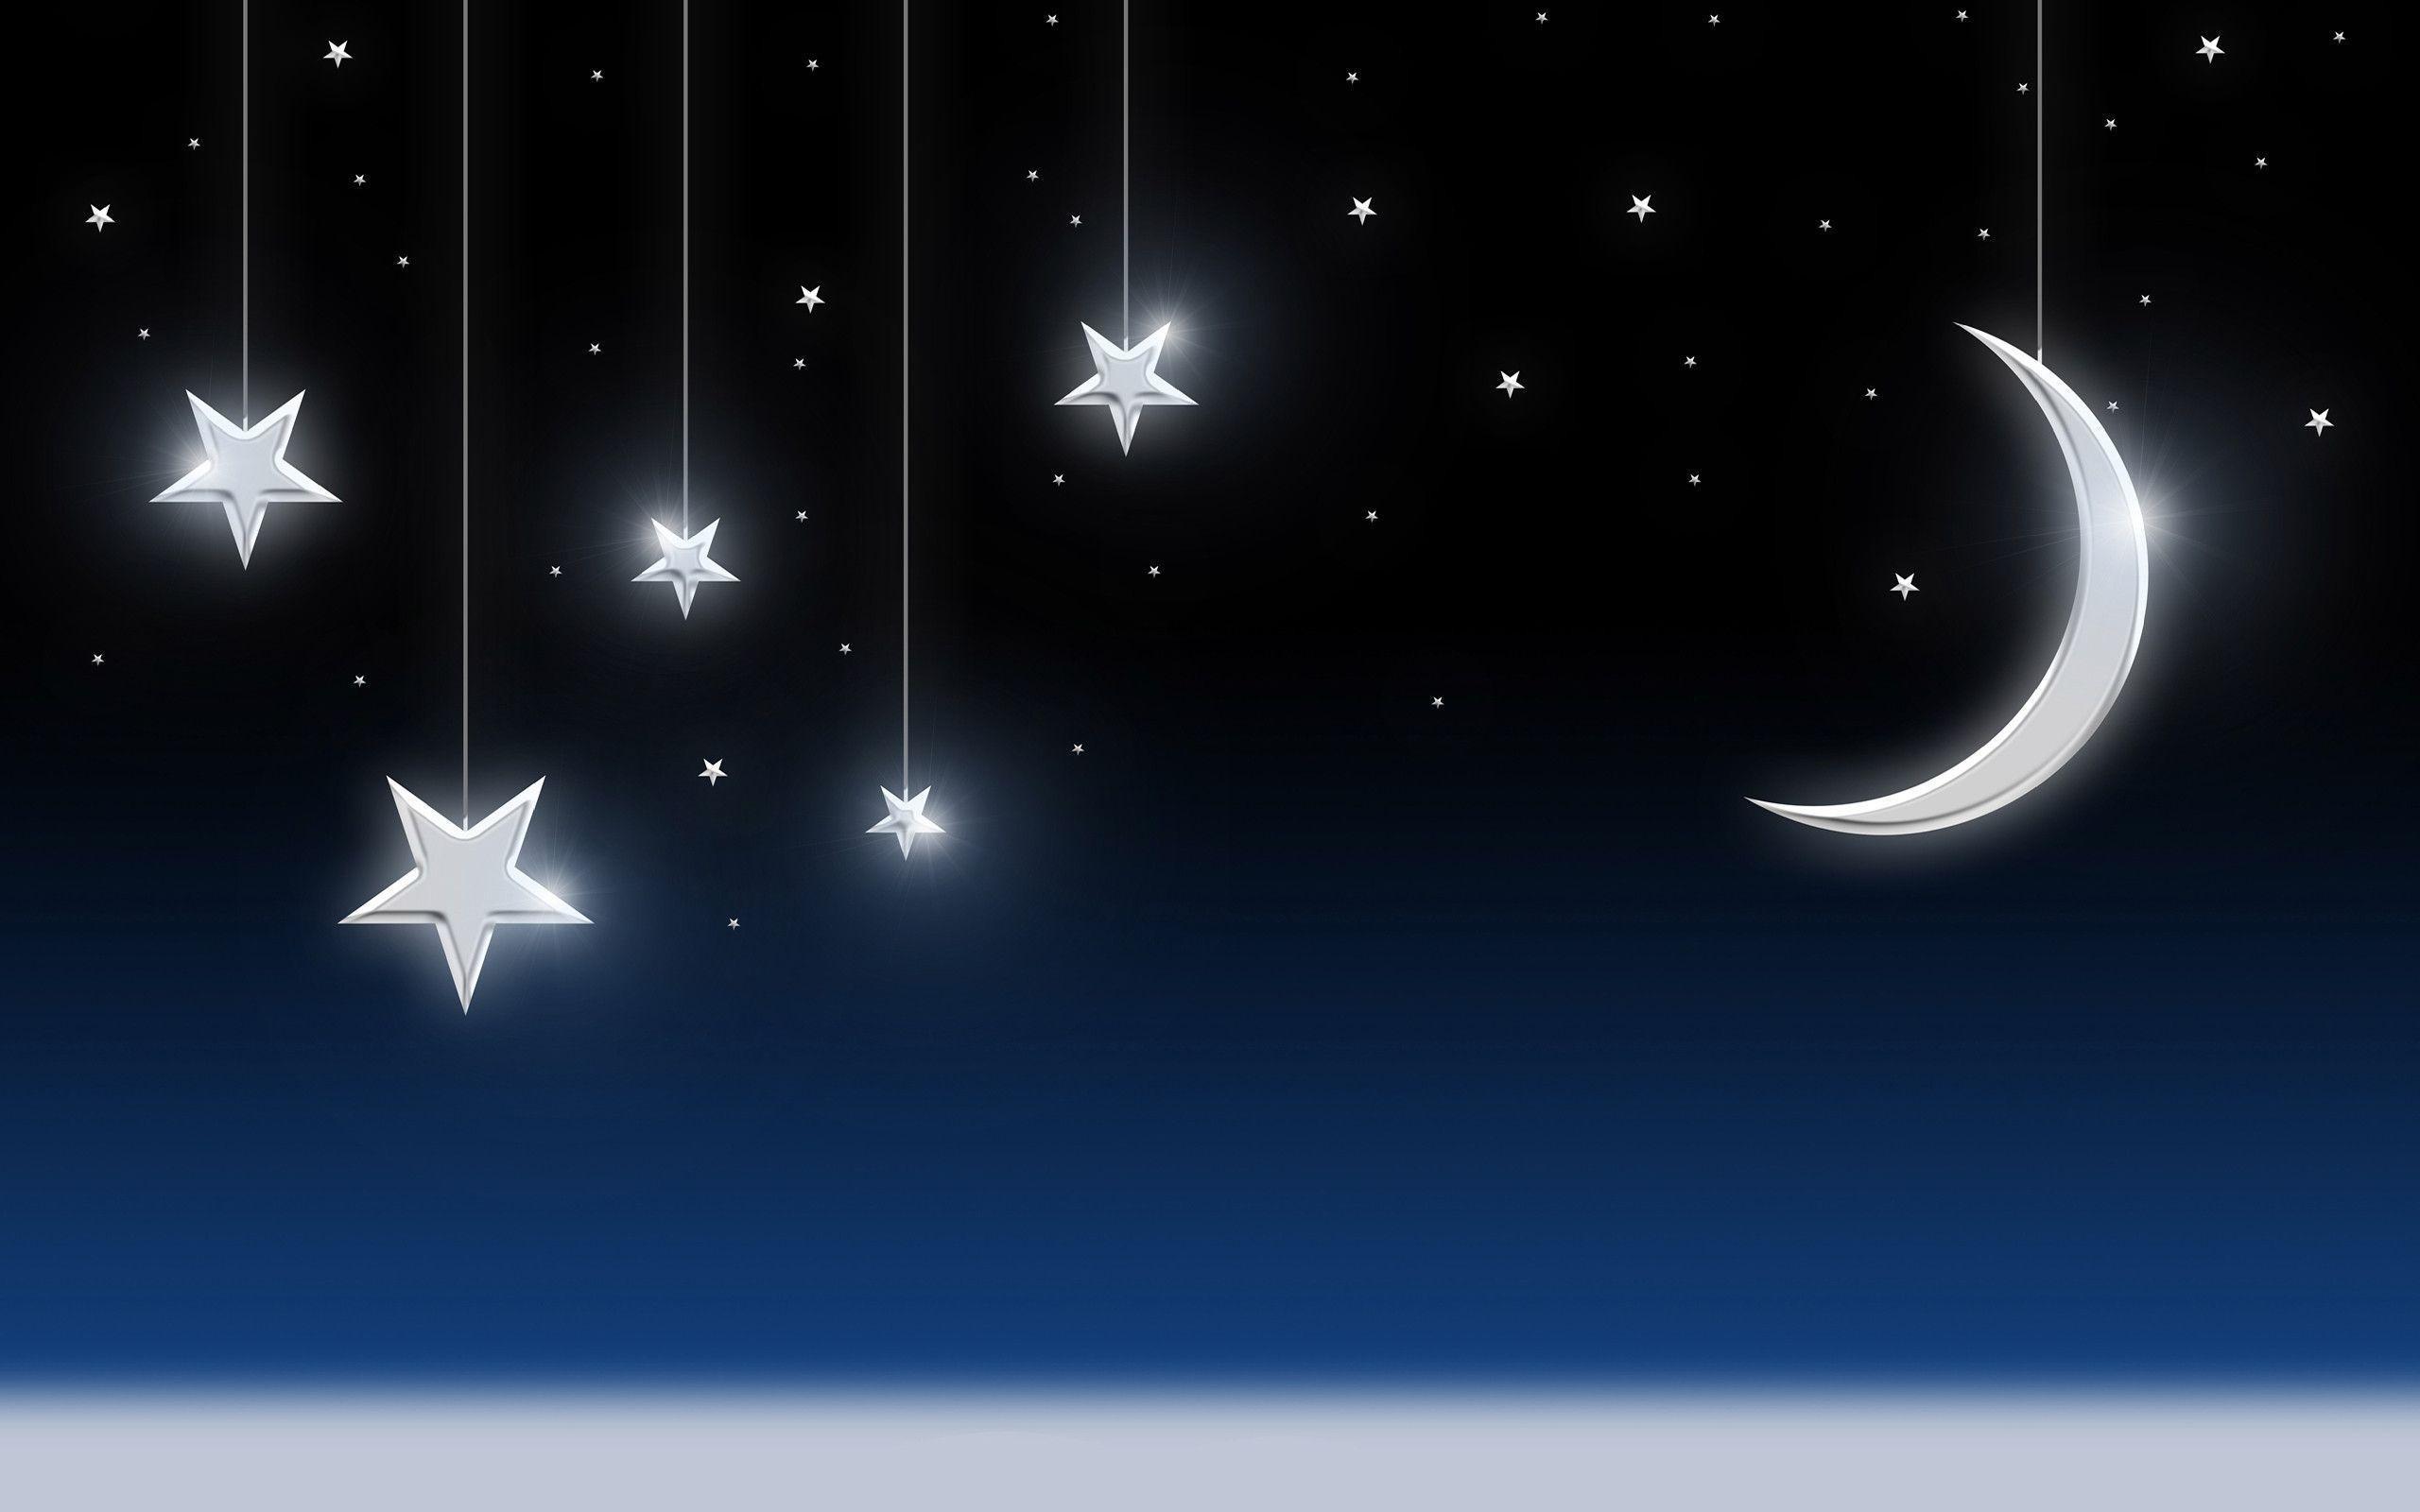 Night Sky Stars Moon Wallpaper – Tera Wallpaper